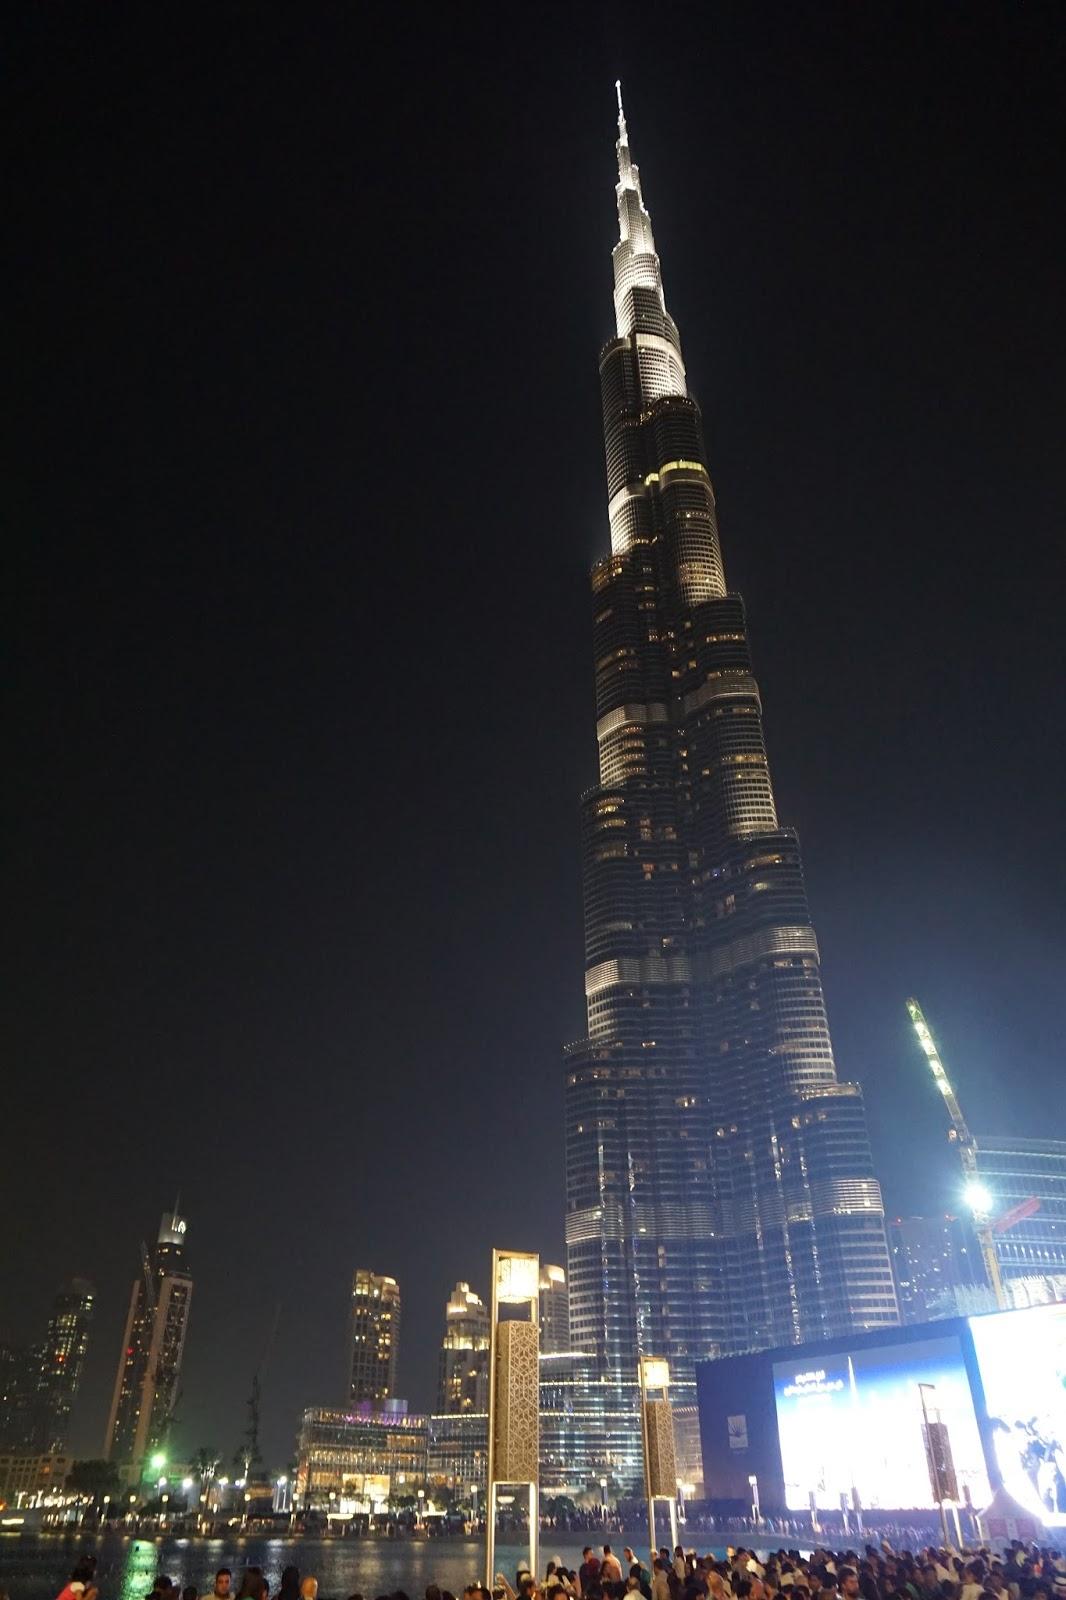 ブルジュ・ハリファ(burj khalīfah)